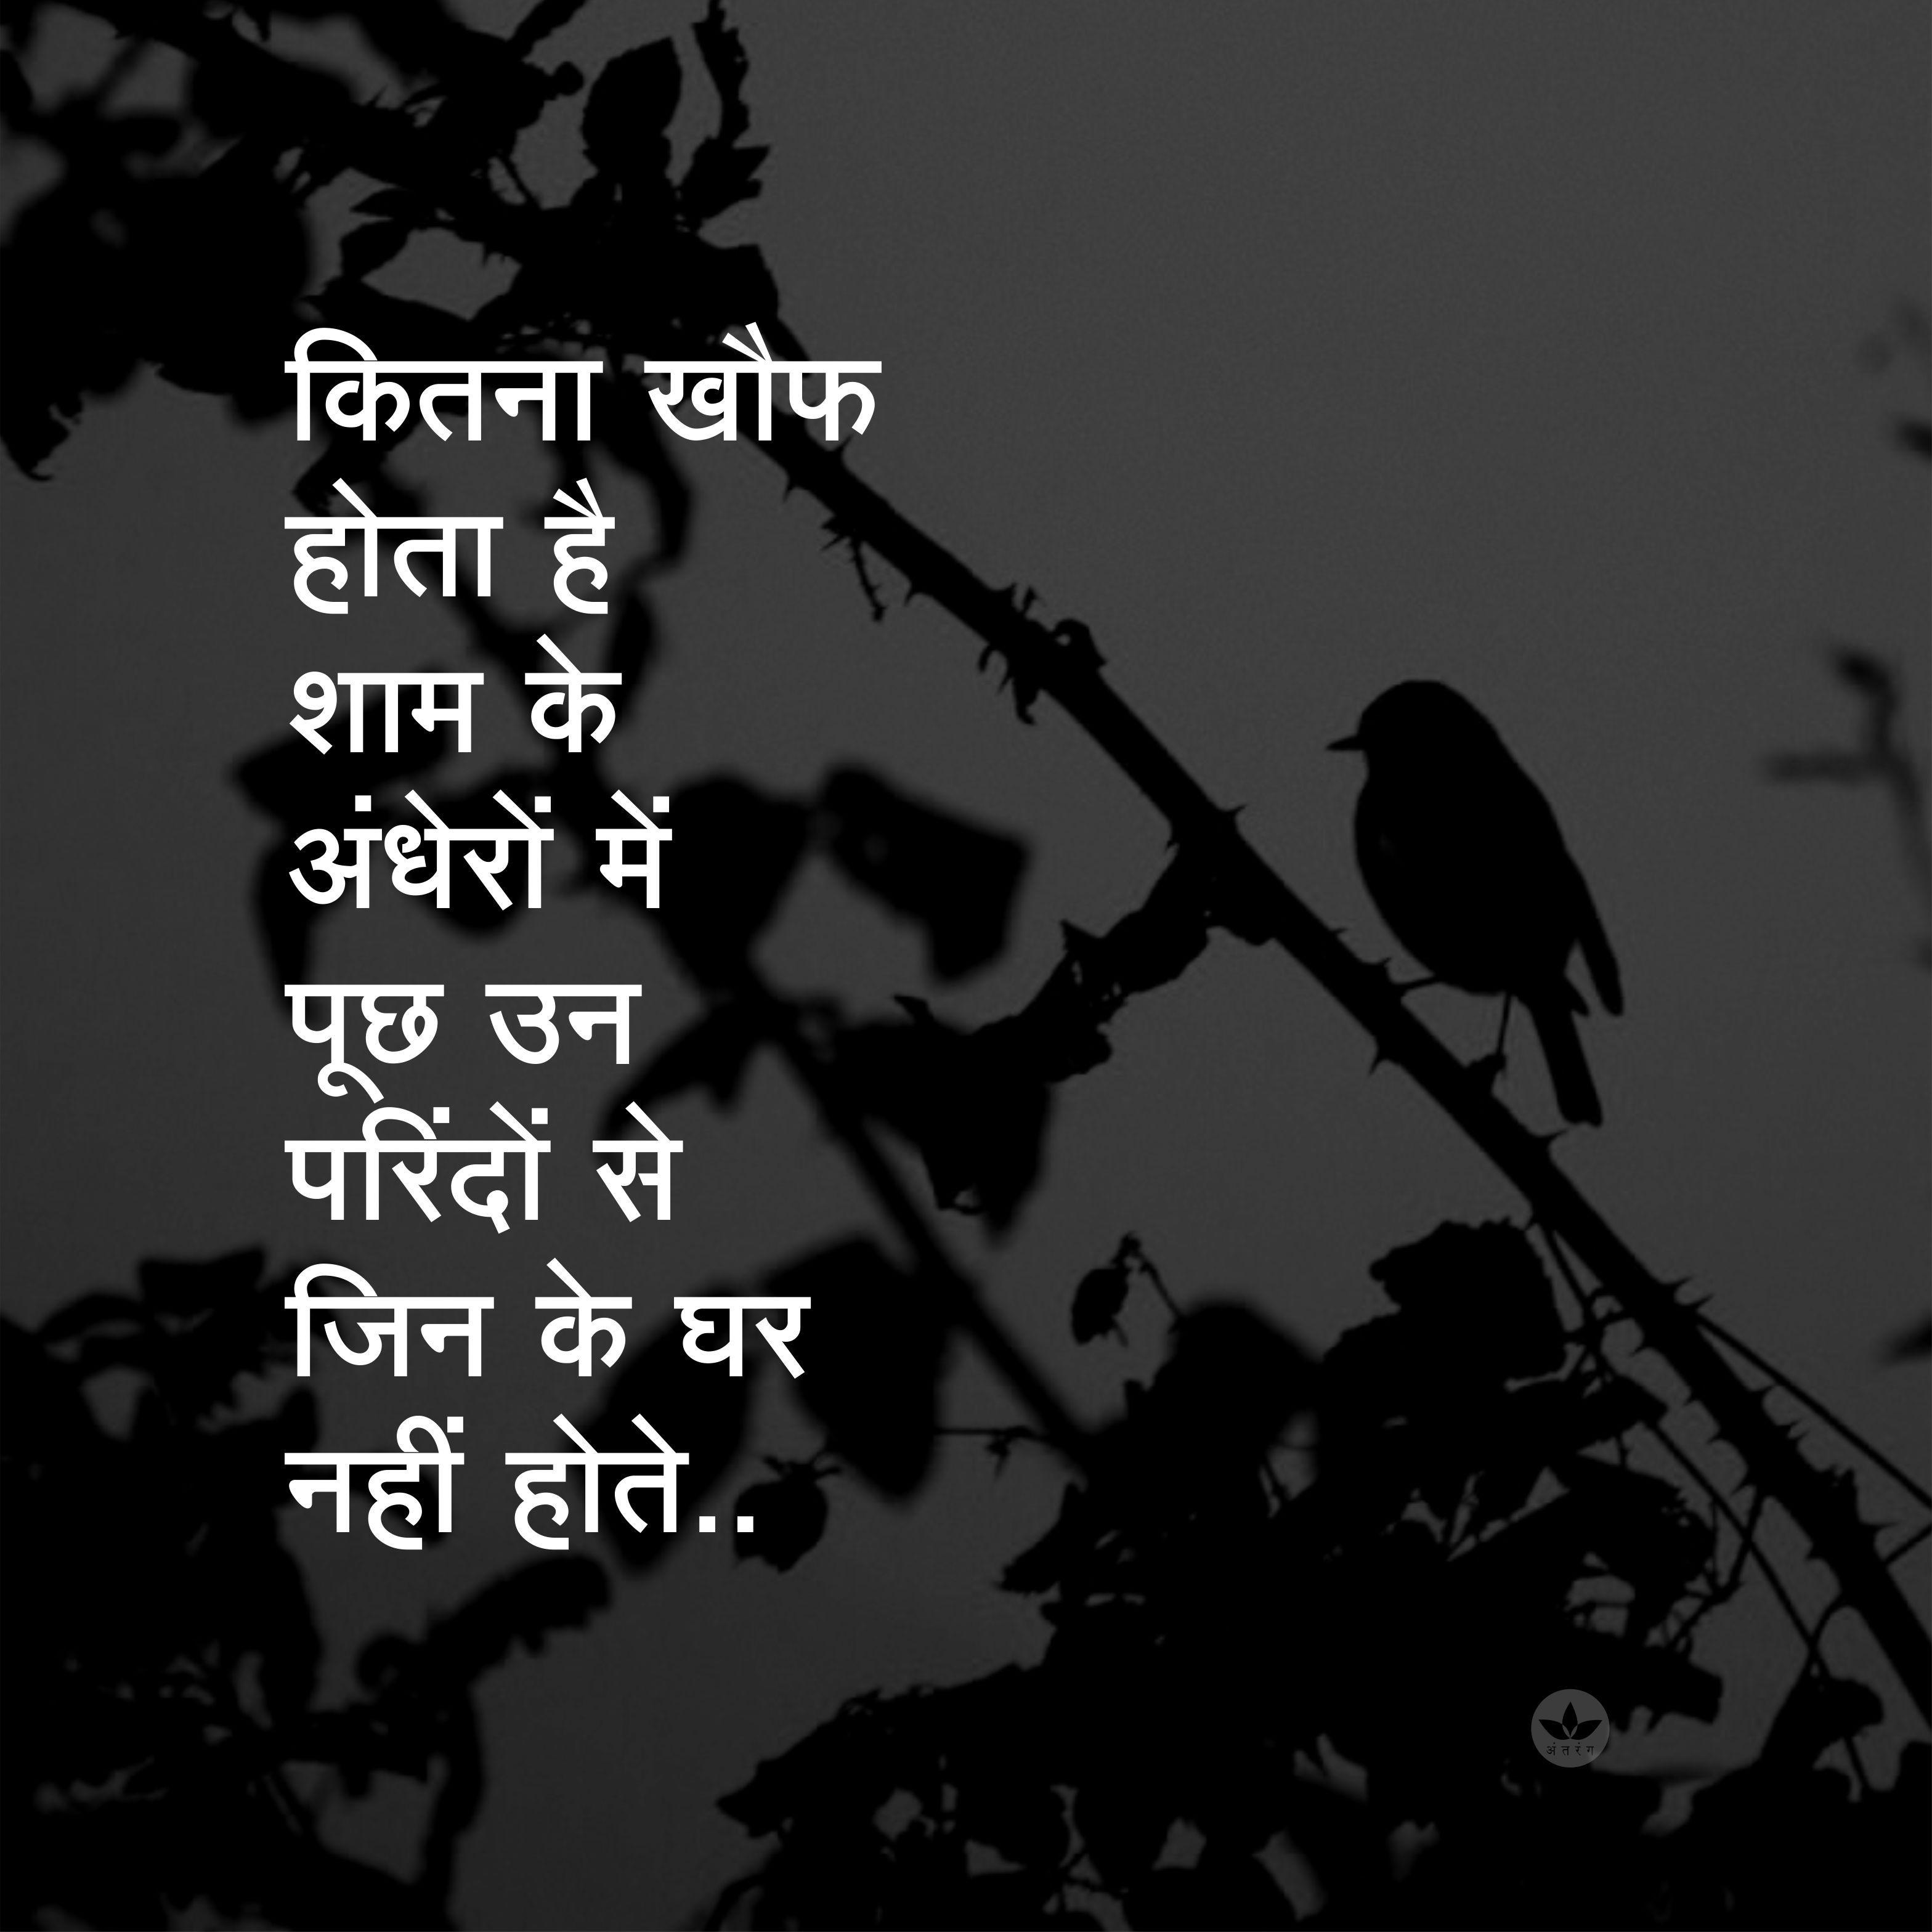 Pin by Nilesh Gitay on Shayari (With images) | Hindi ...